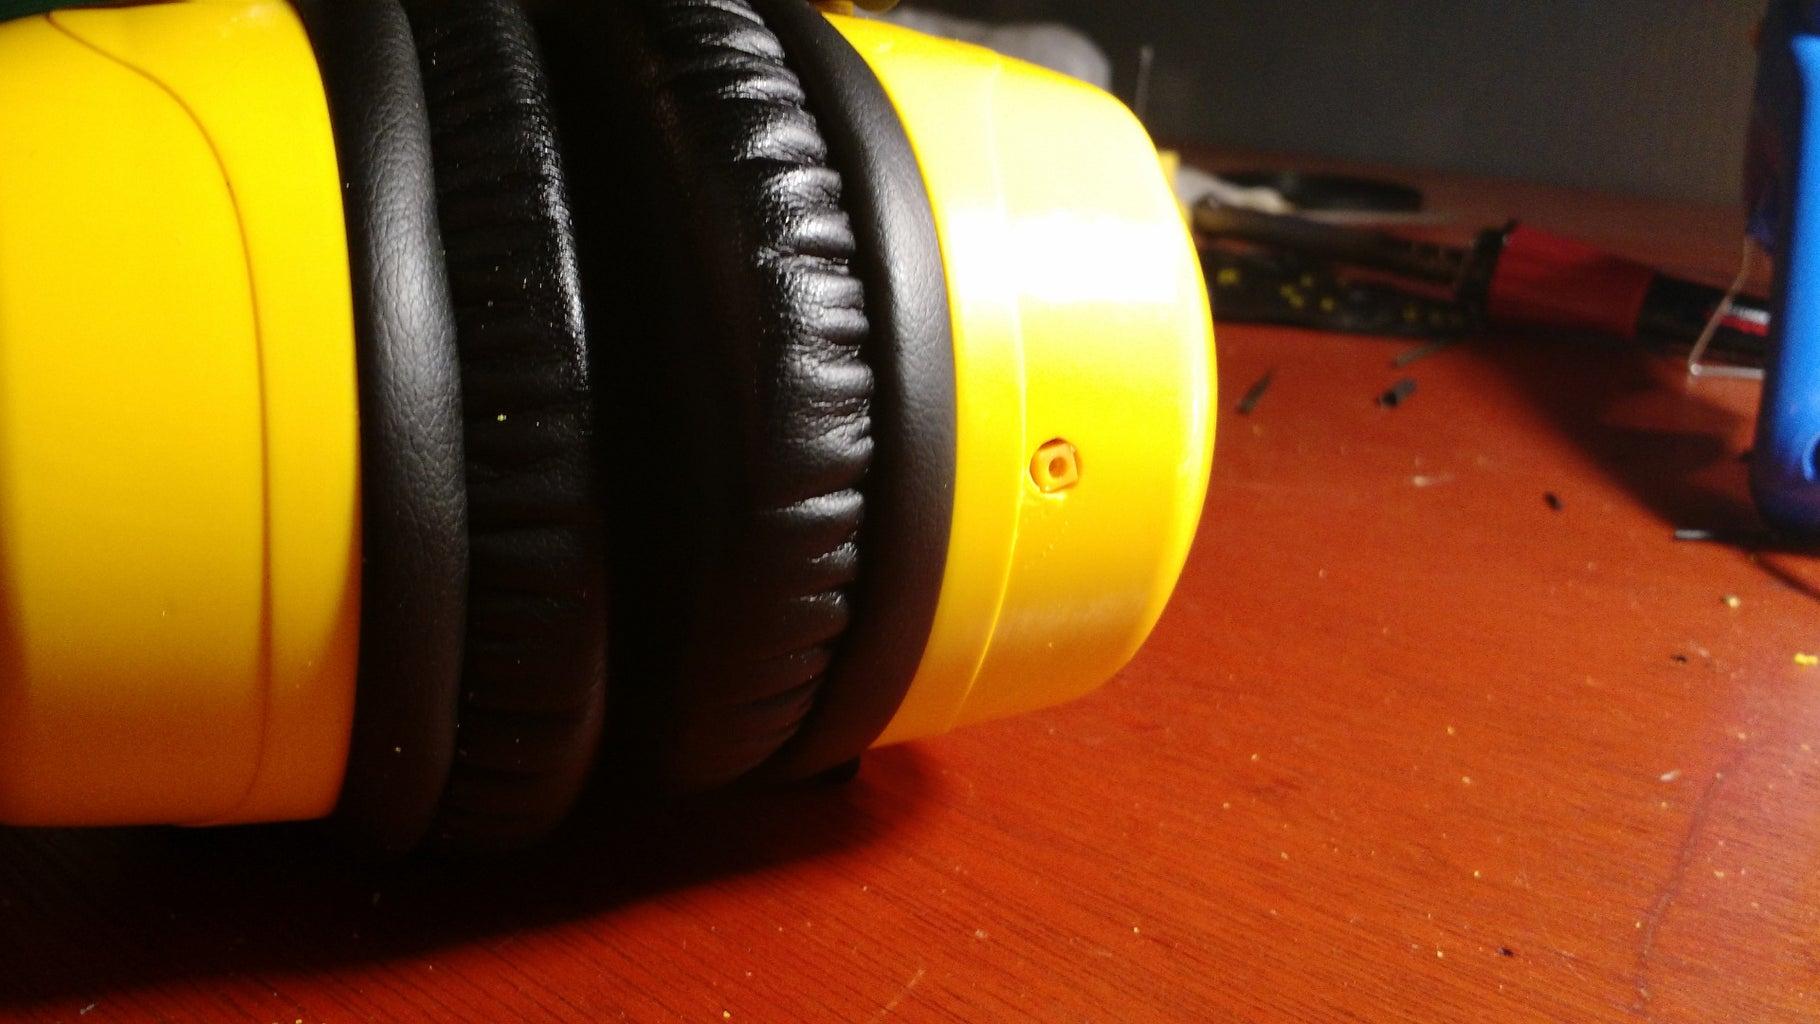 The Headphones.